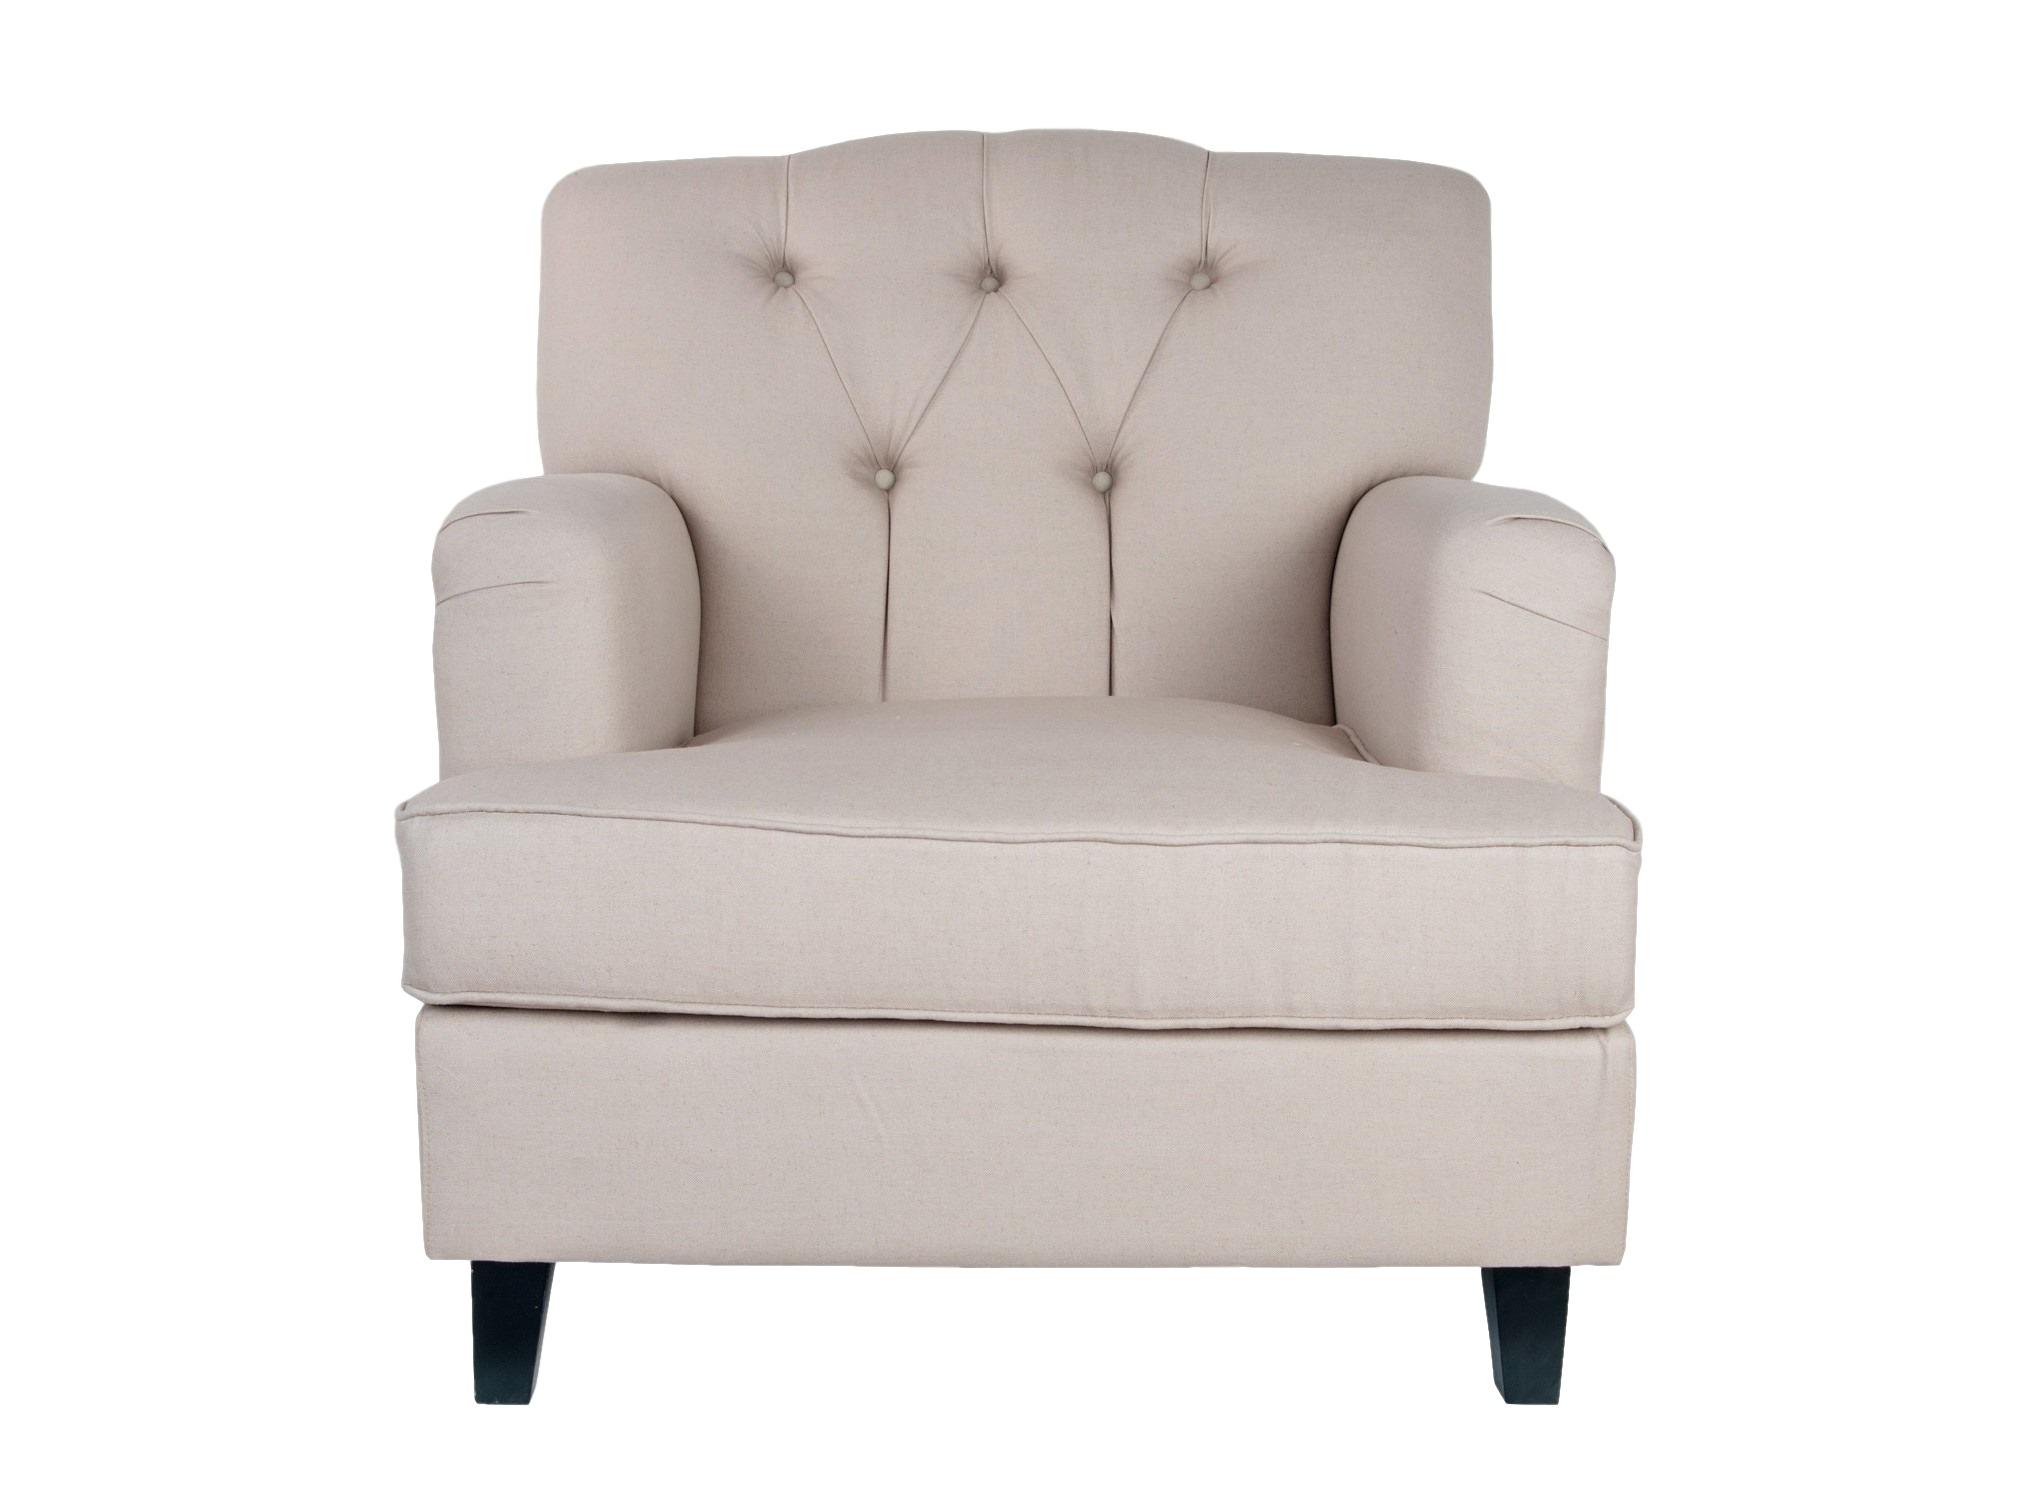 Кресло SomacИнтерьерные кресла<br>Мягкое кресло предназначено для создания комфорта в доме. Все — от ткани до плотности набивки — способствует расслаблению в тихий вечер.<br><br>Material: Лен<br>Width см: 100<br>Depth см: 85<br>Height см: 105